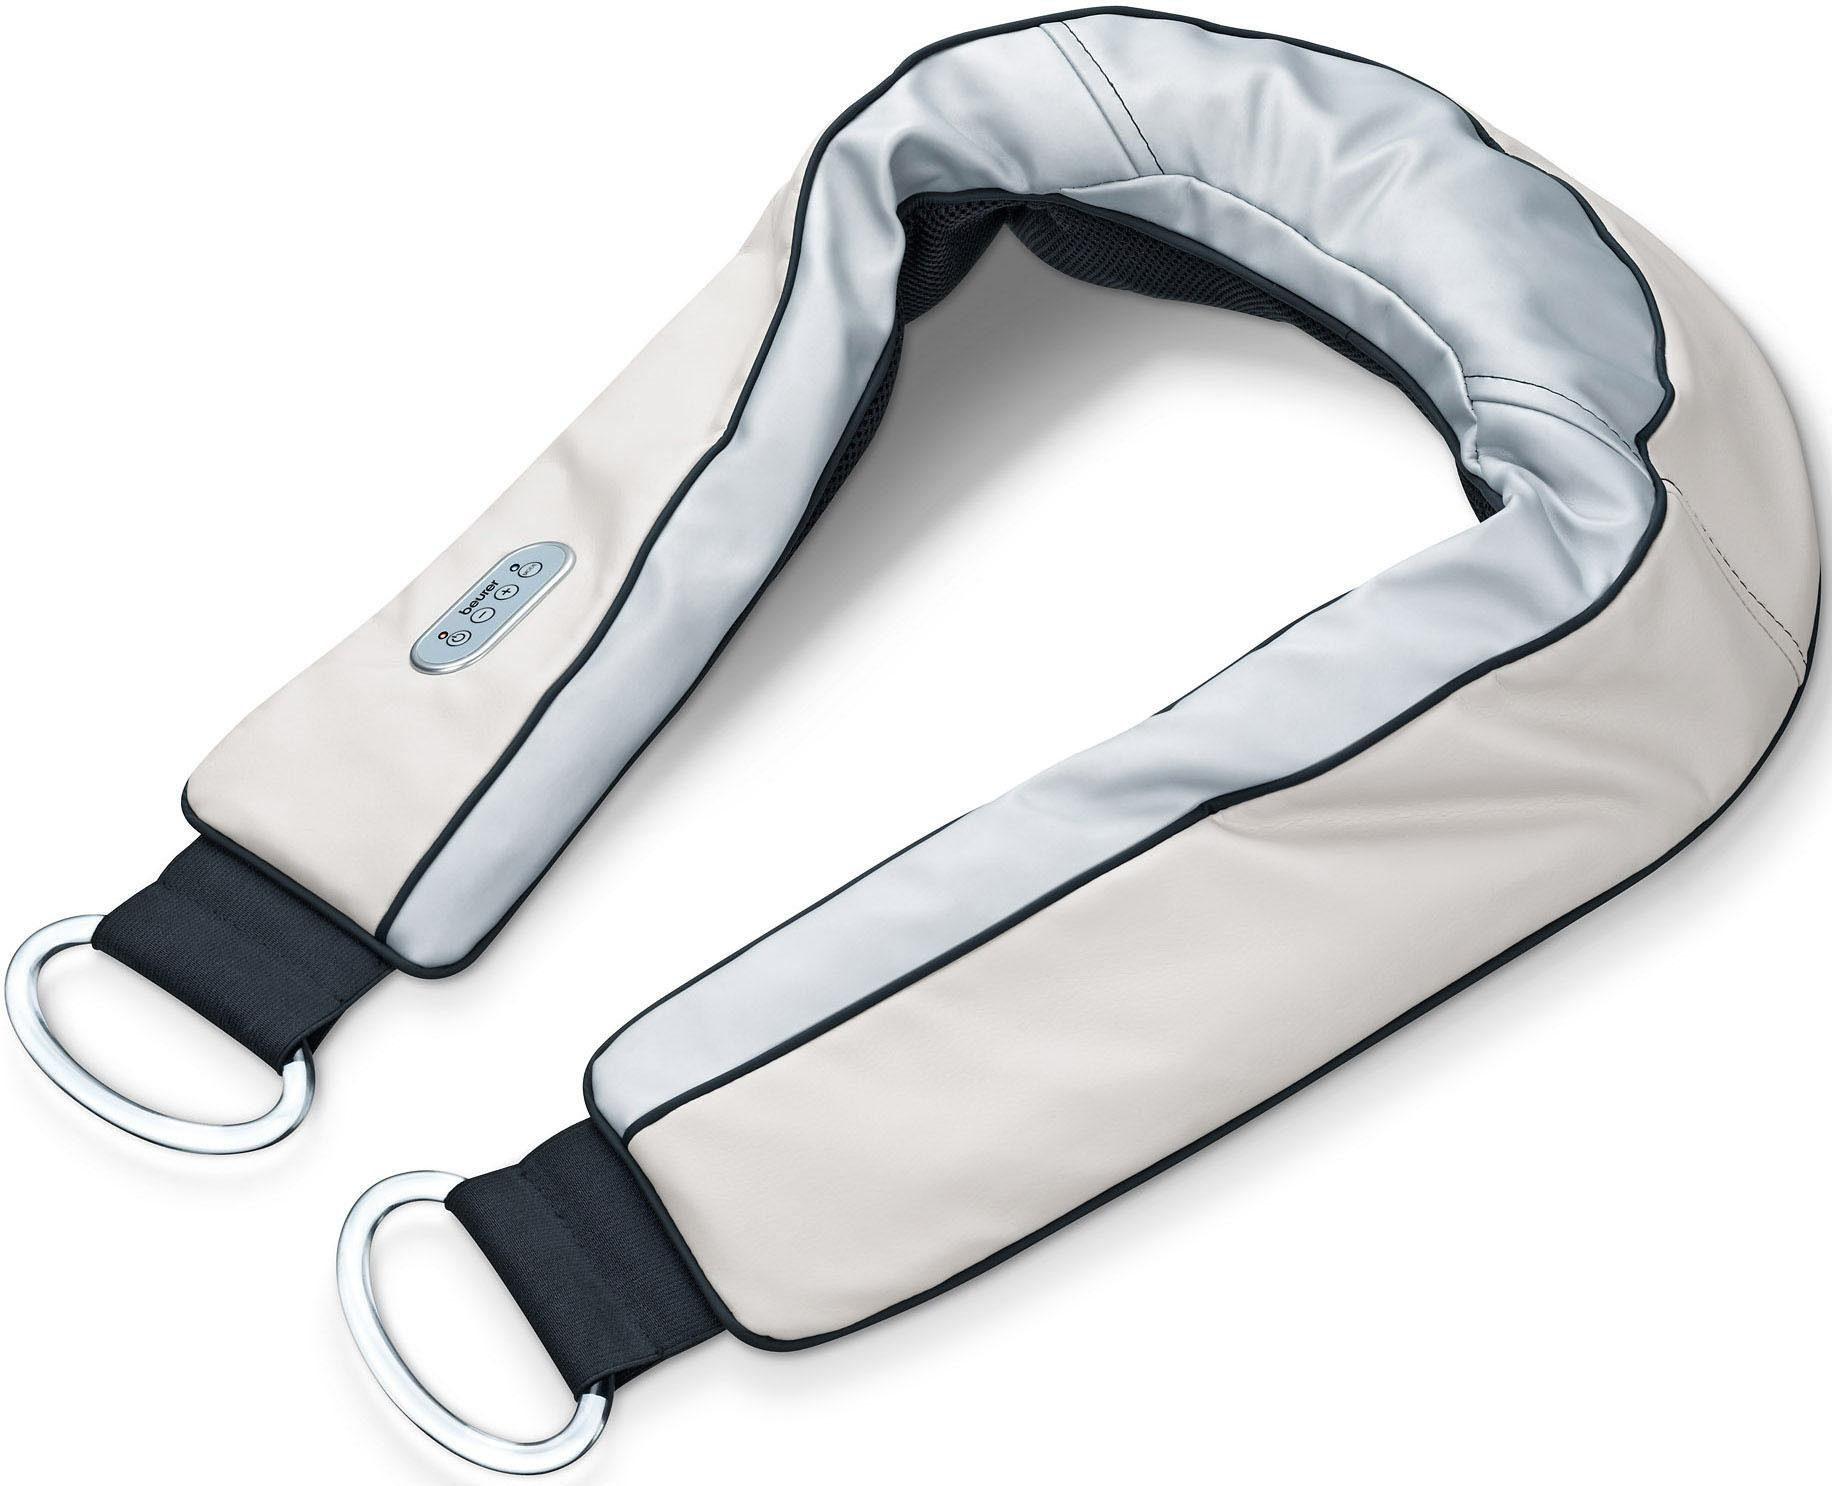 Beurer Nacken-Massagegerät MG 150